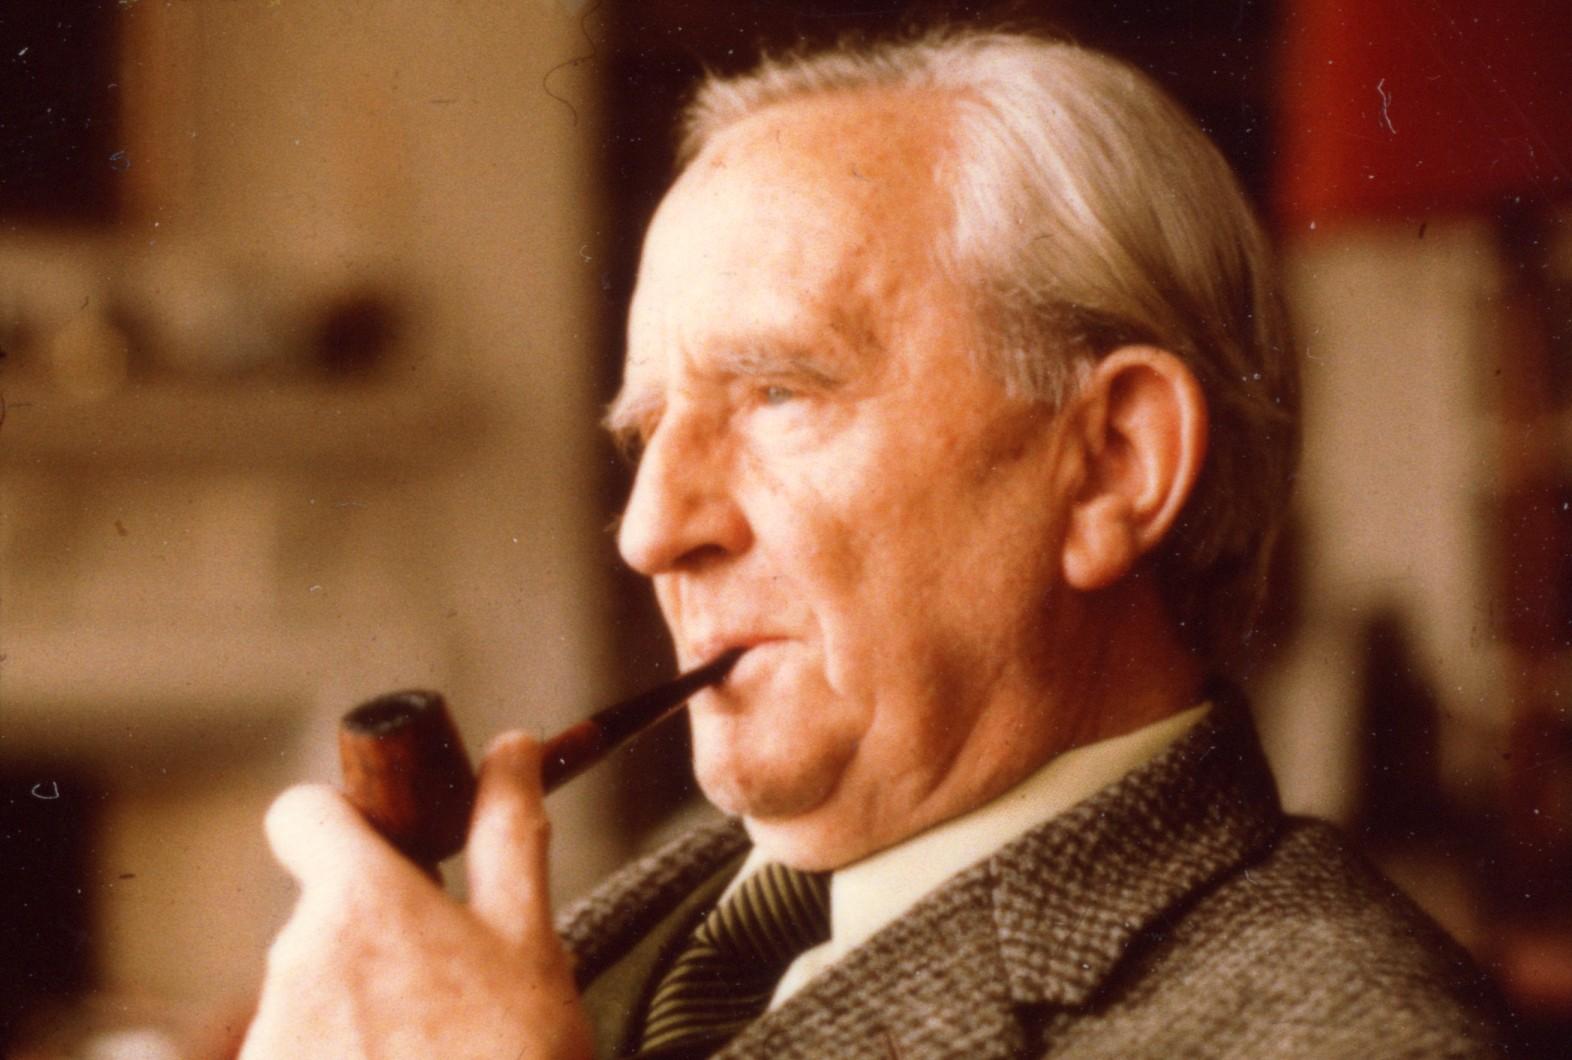 Il papà di tutti i nerd compie 121 anni: buon compleanno J.R.R. Tolkien